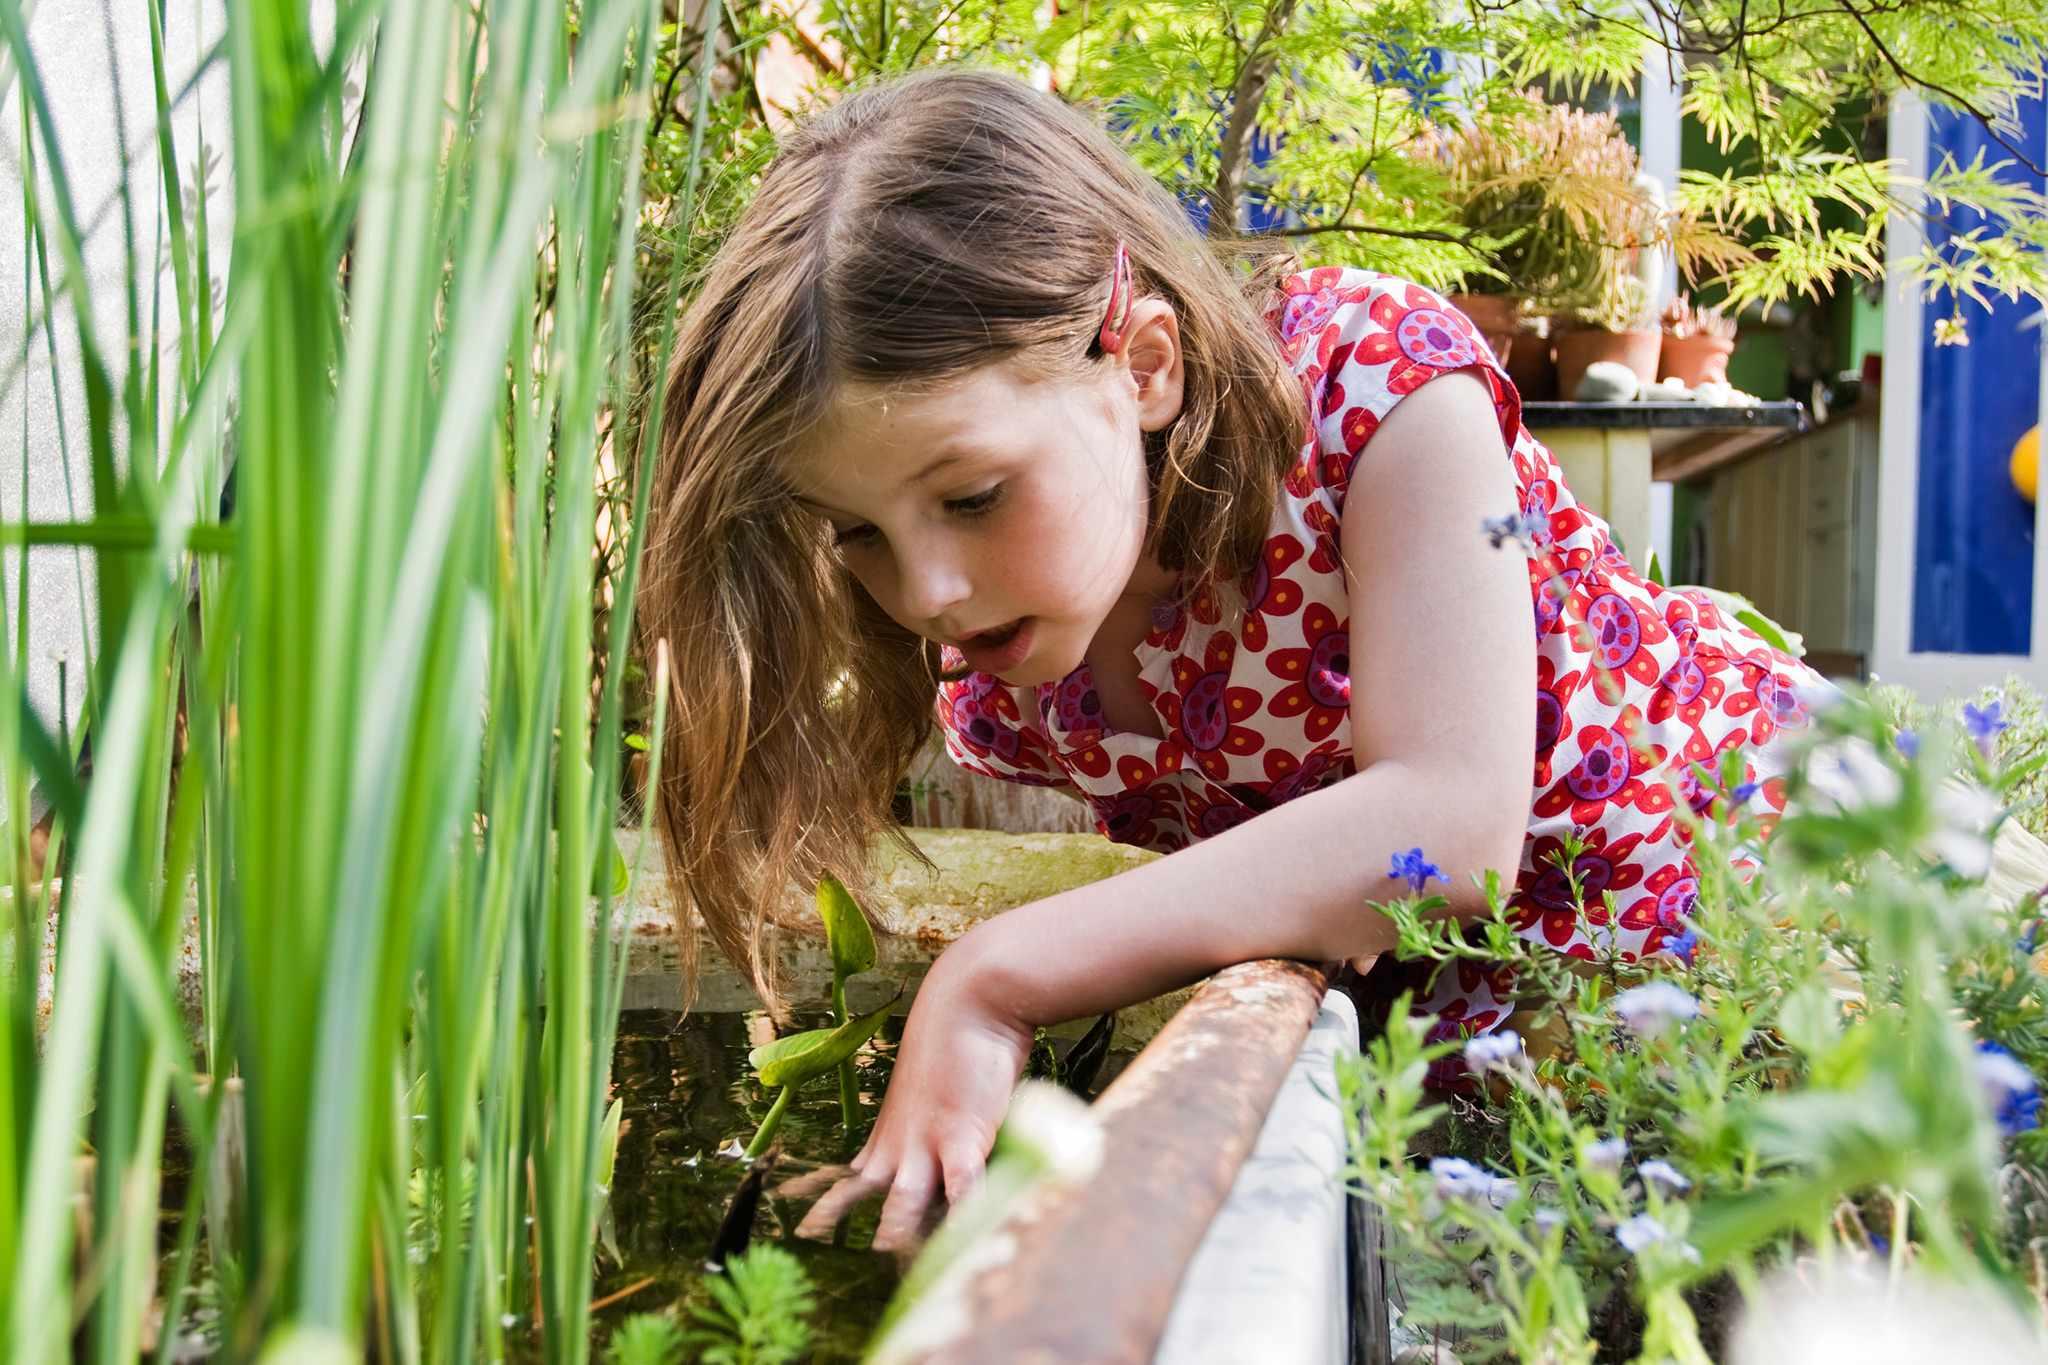 Gardening Tips for Children